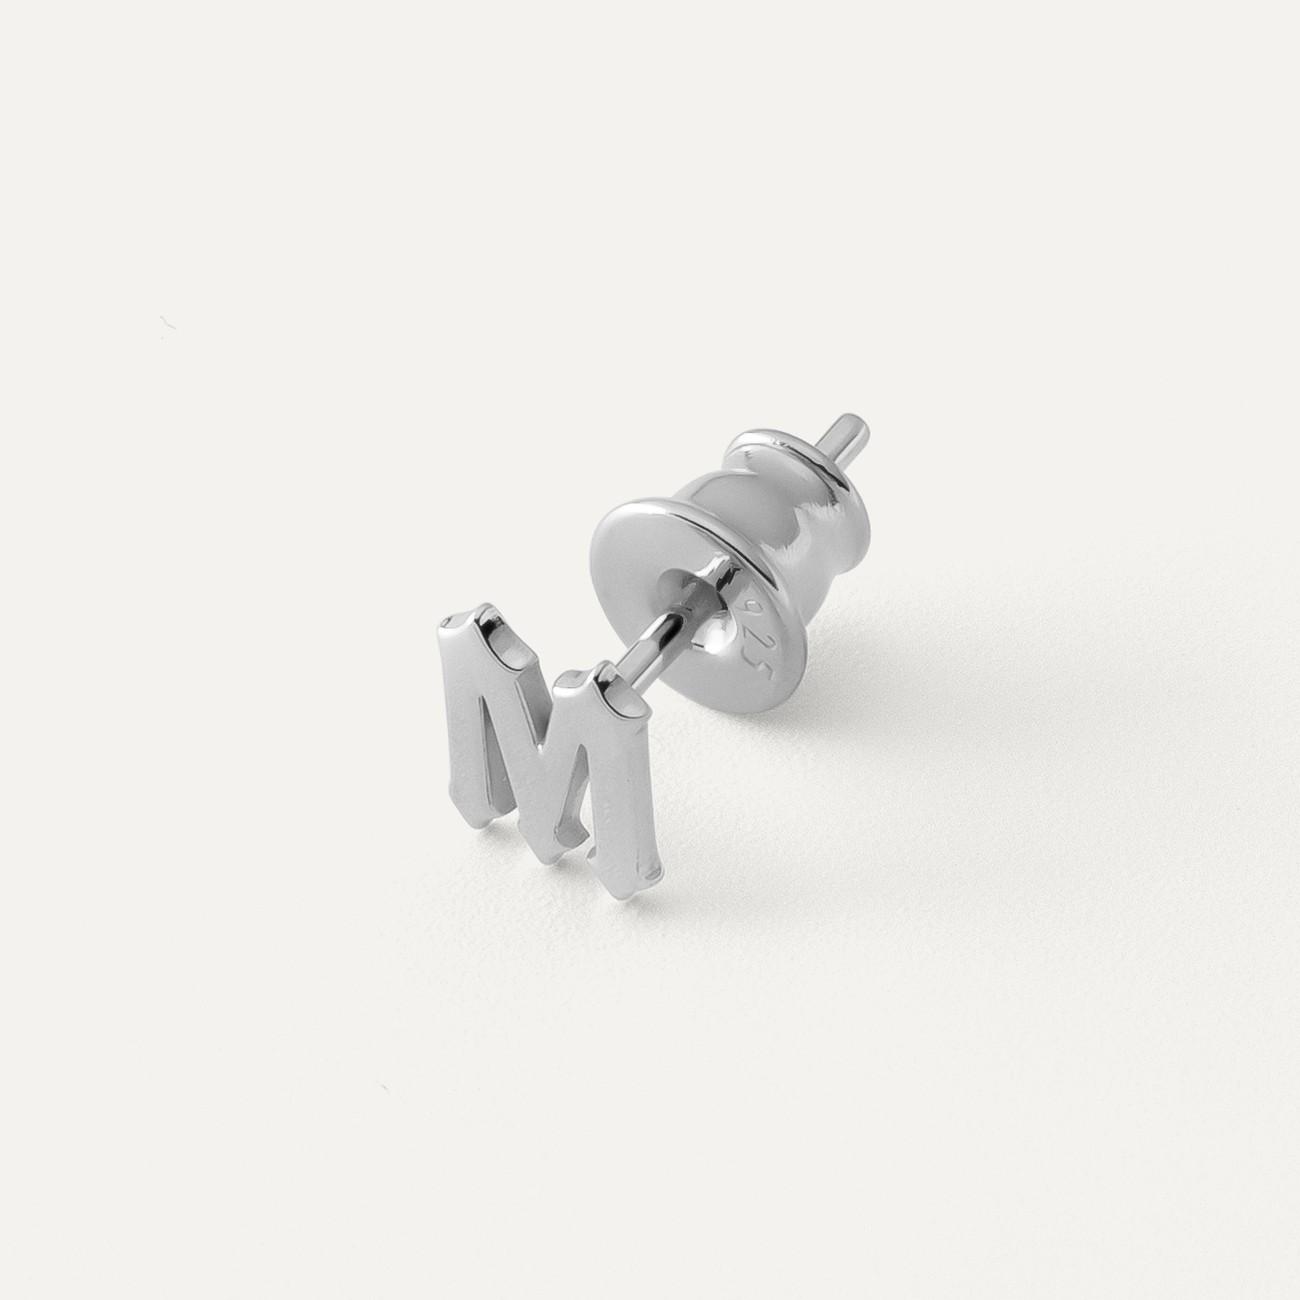 Kolczyk dowolna litera MON DÉFI, srebro 925